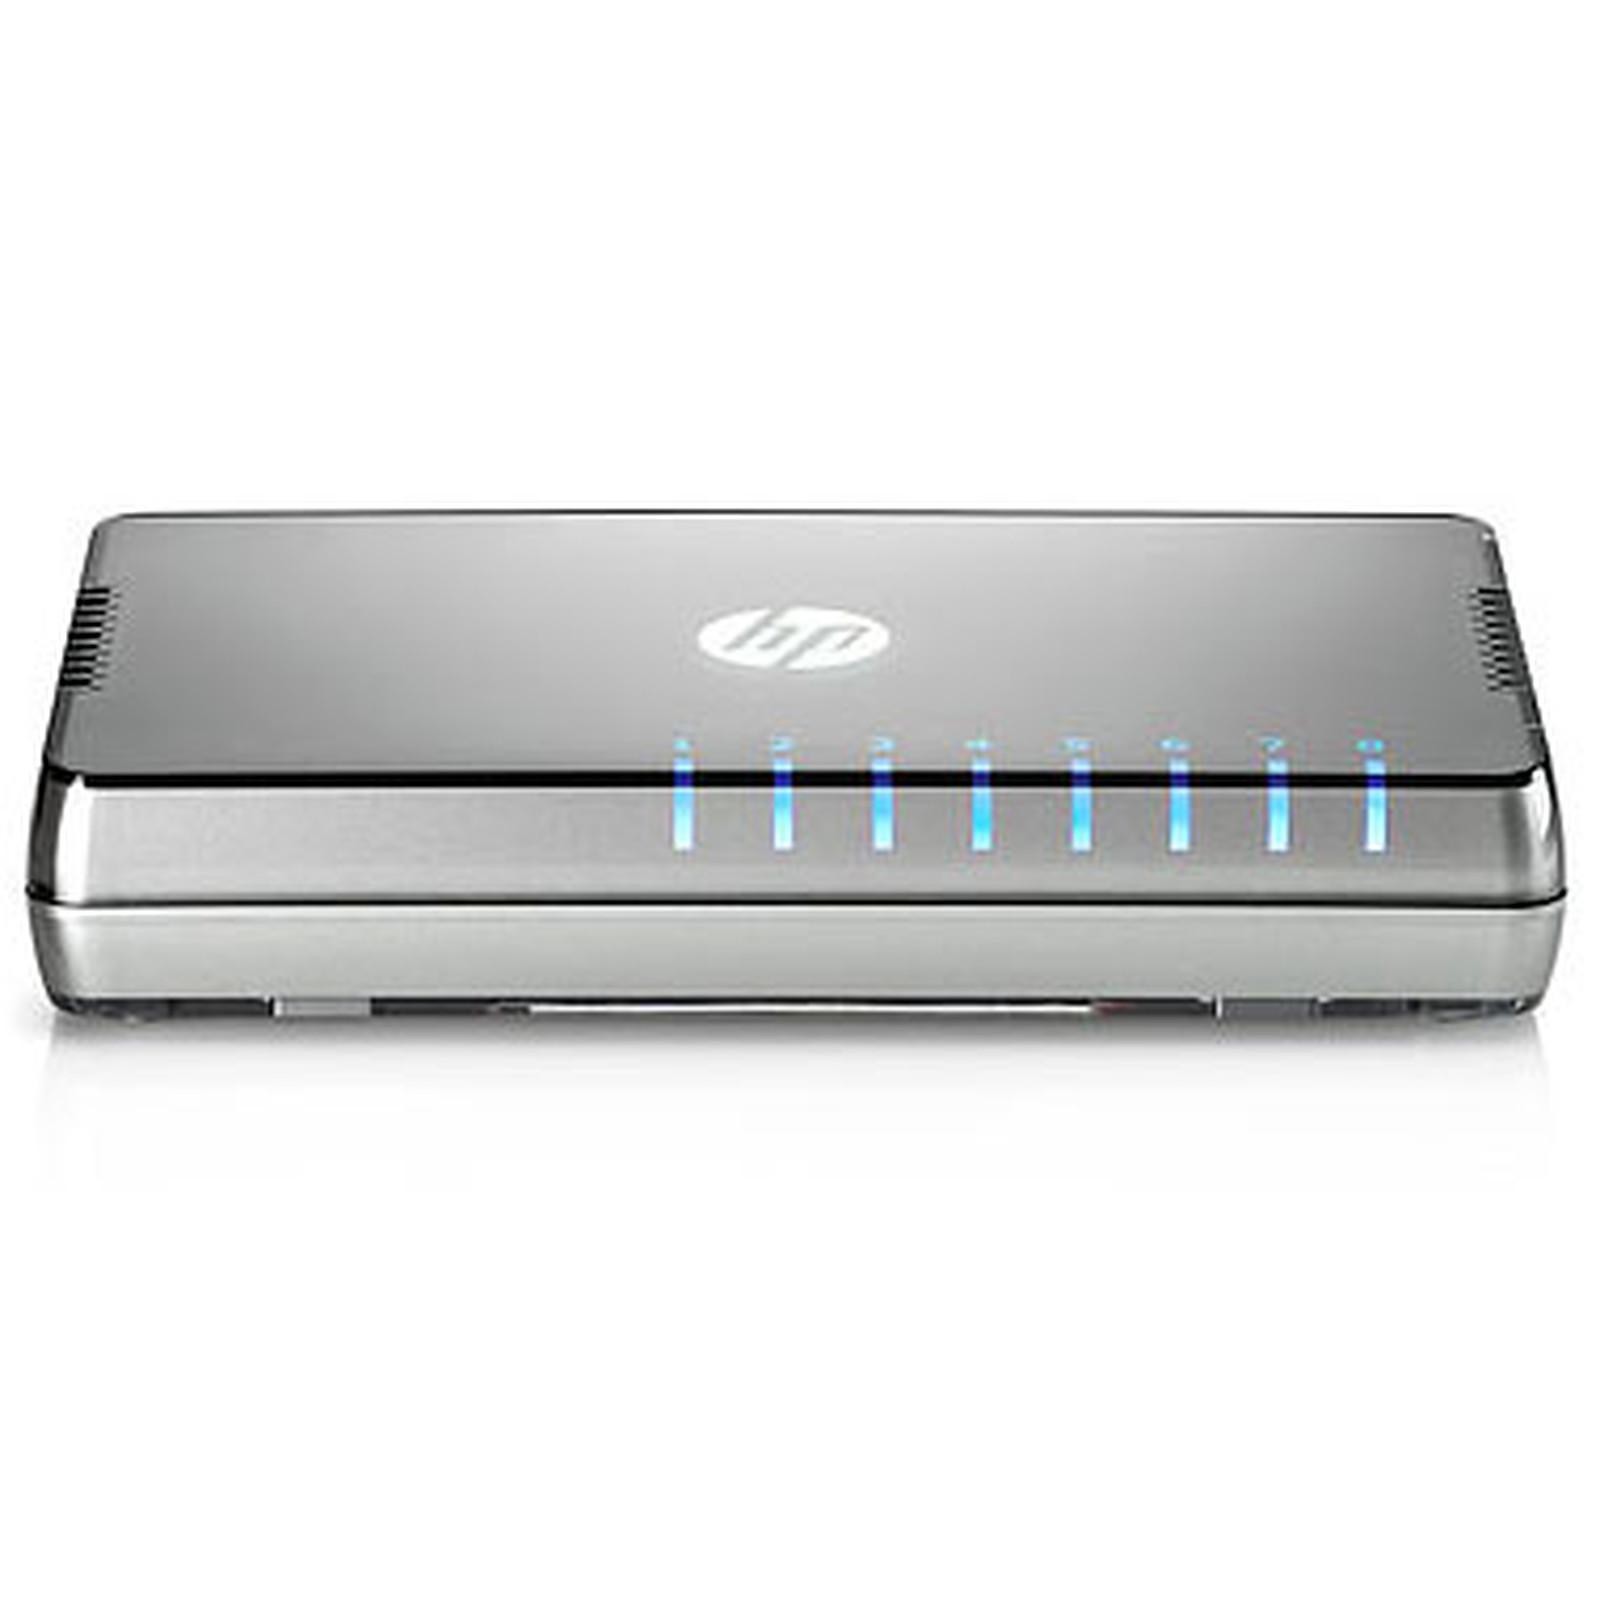 HP ProCurve 1405-8G